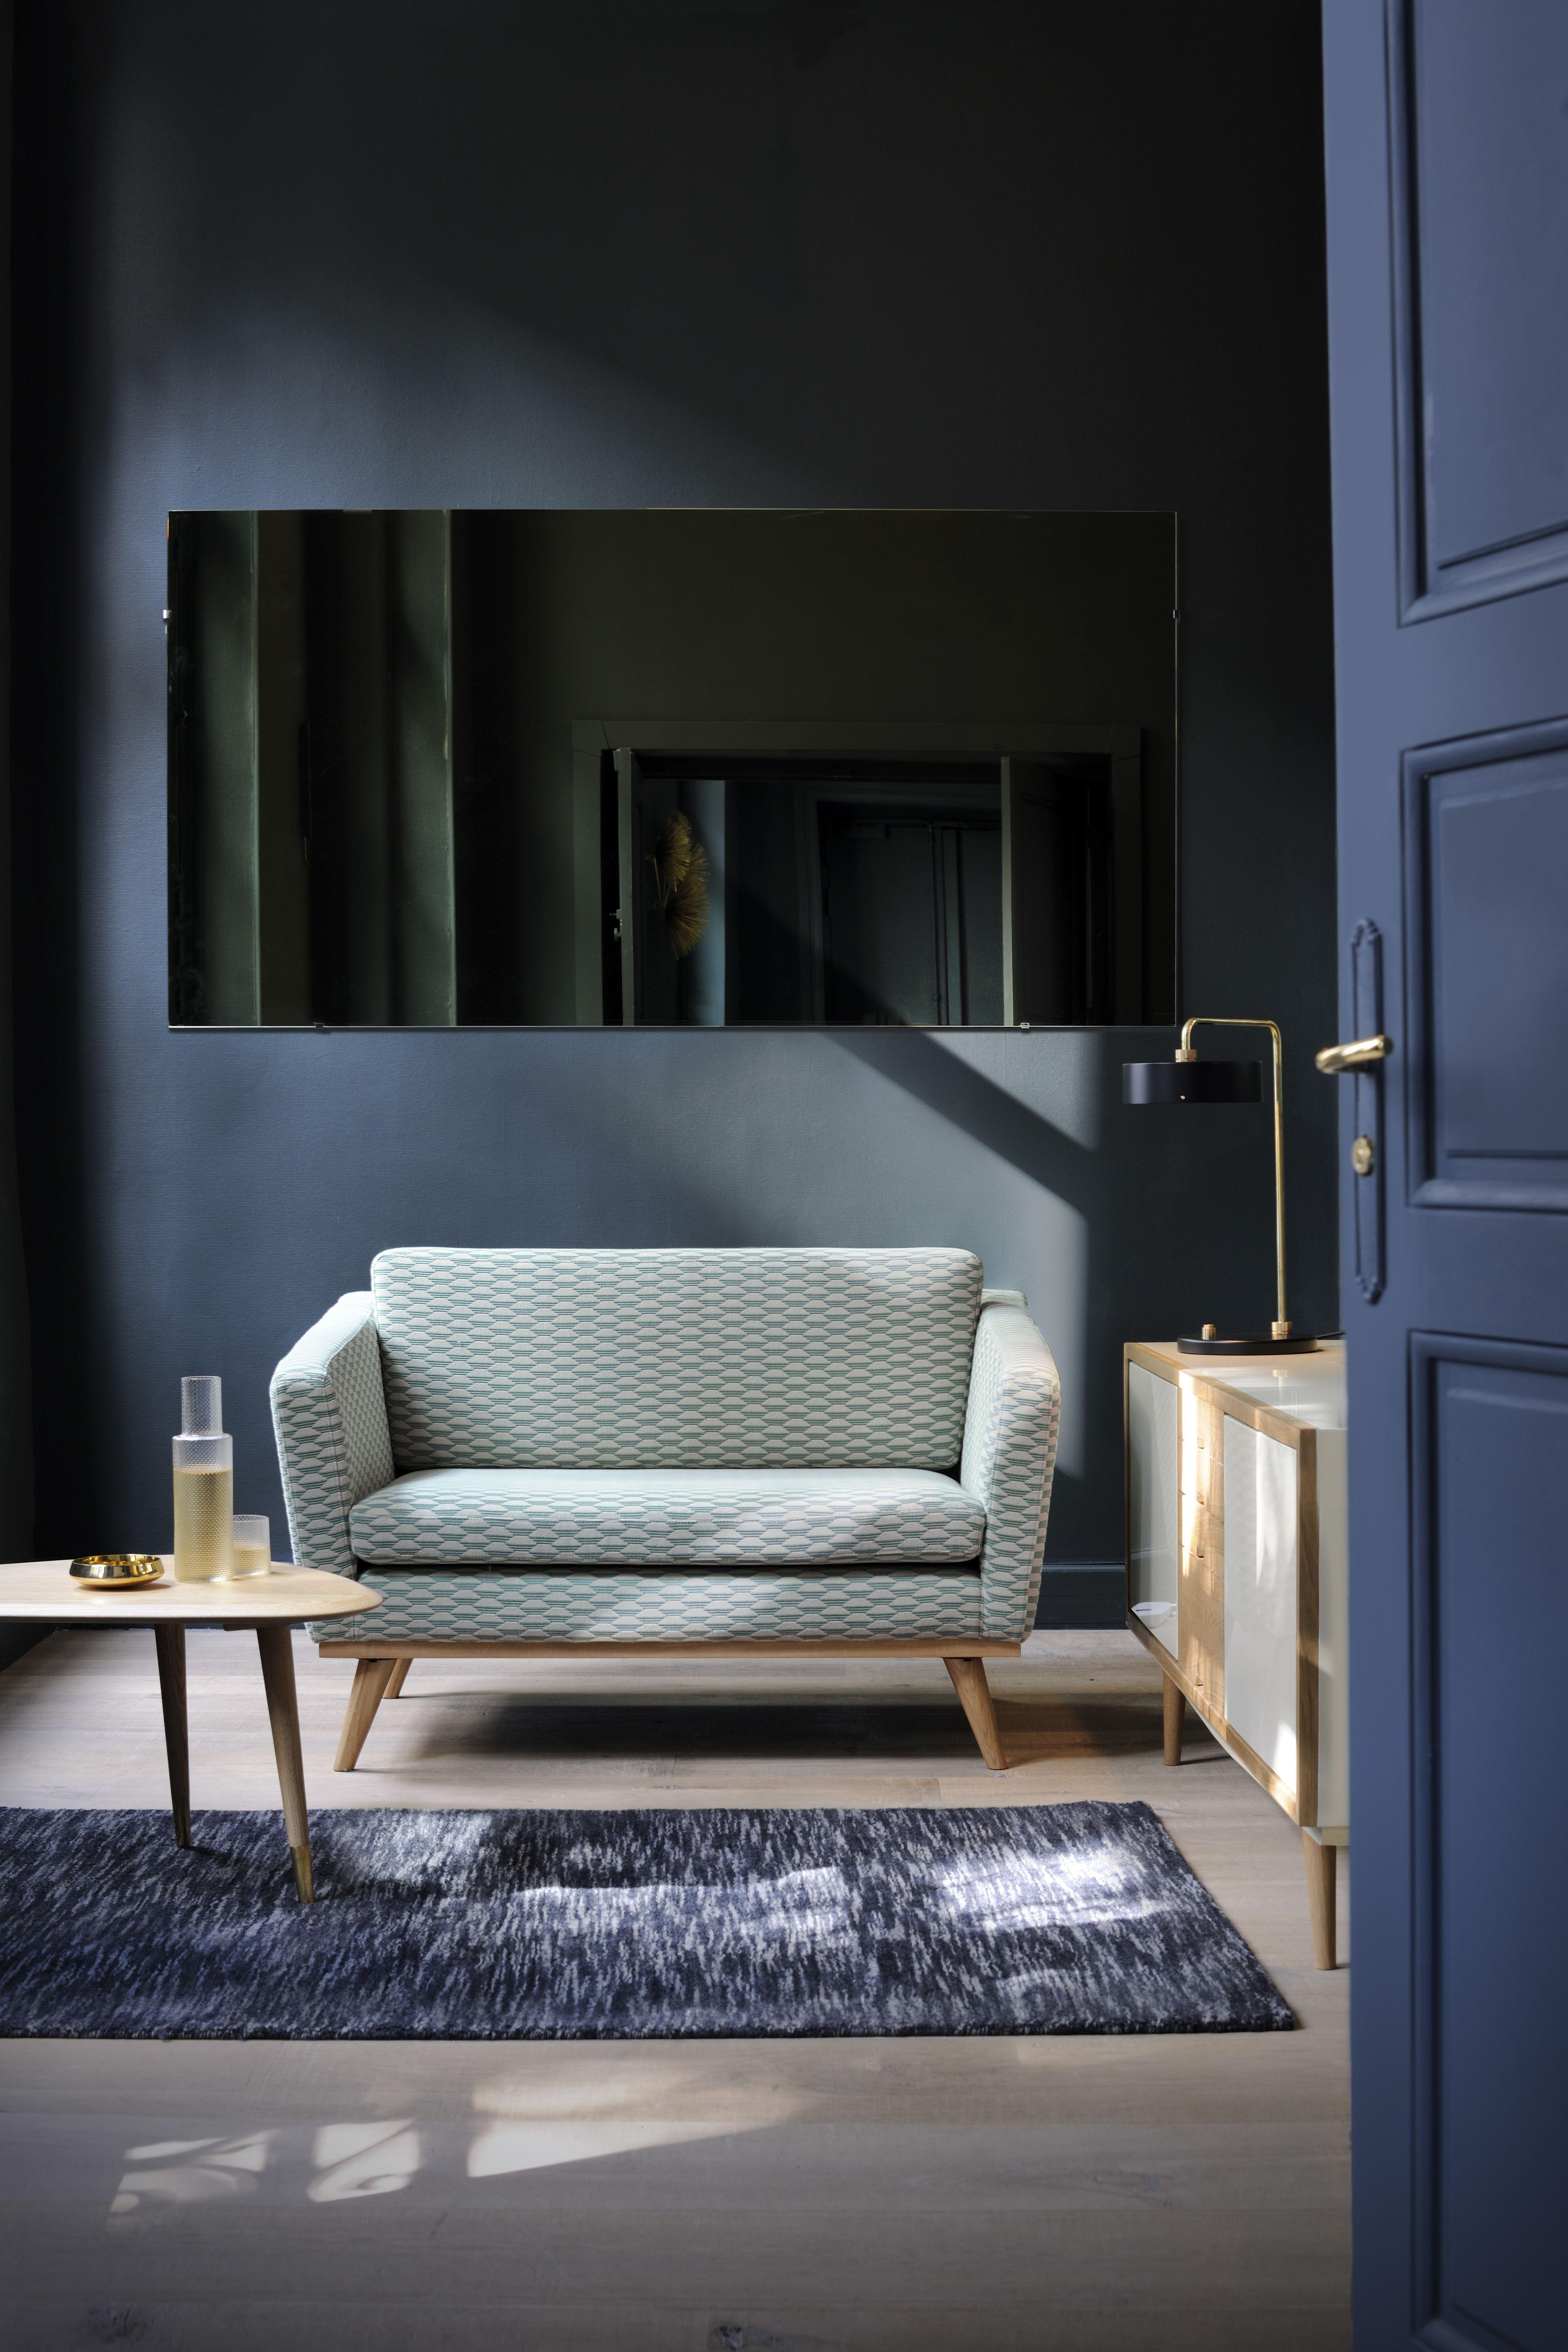 Holz Le Design canapé 120 tissu bakou celadon dans le petit salon de l appartement